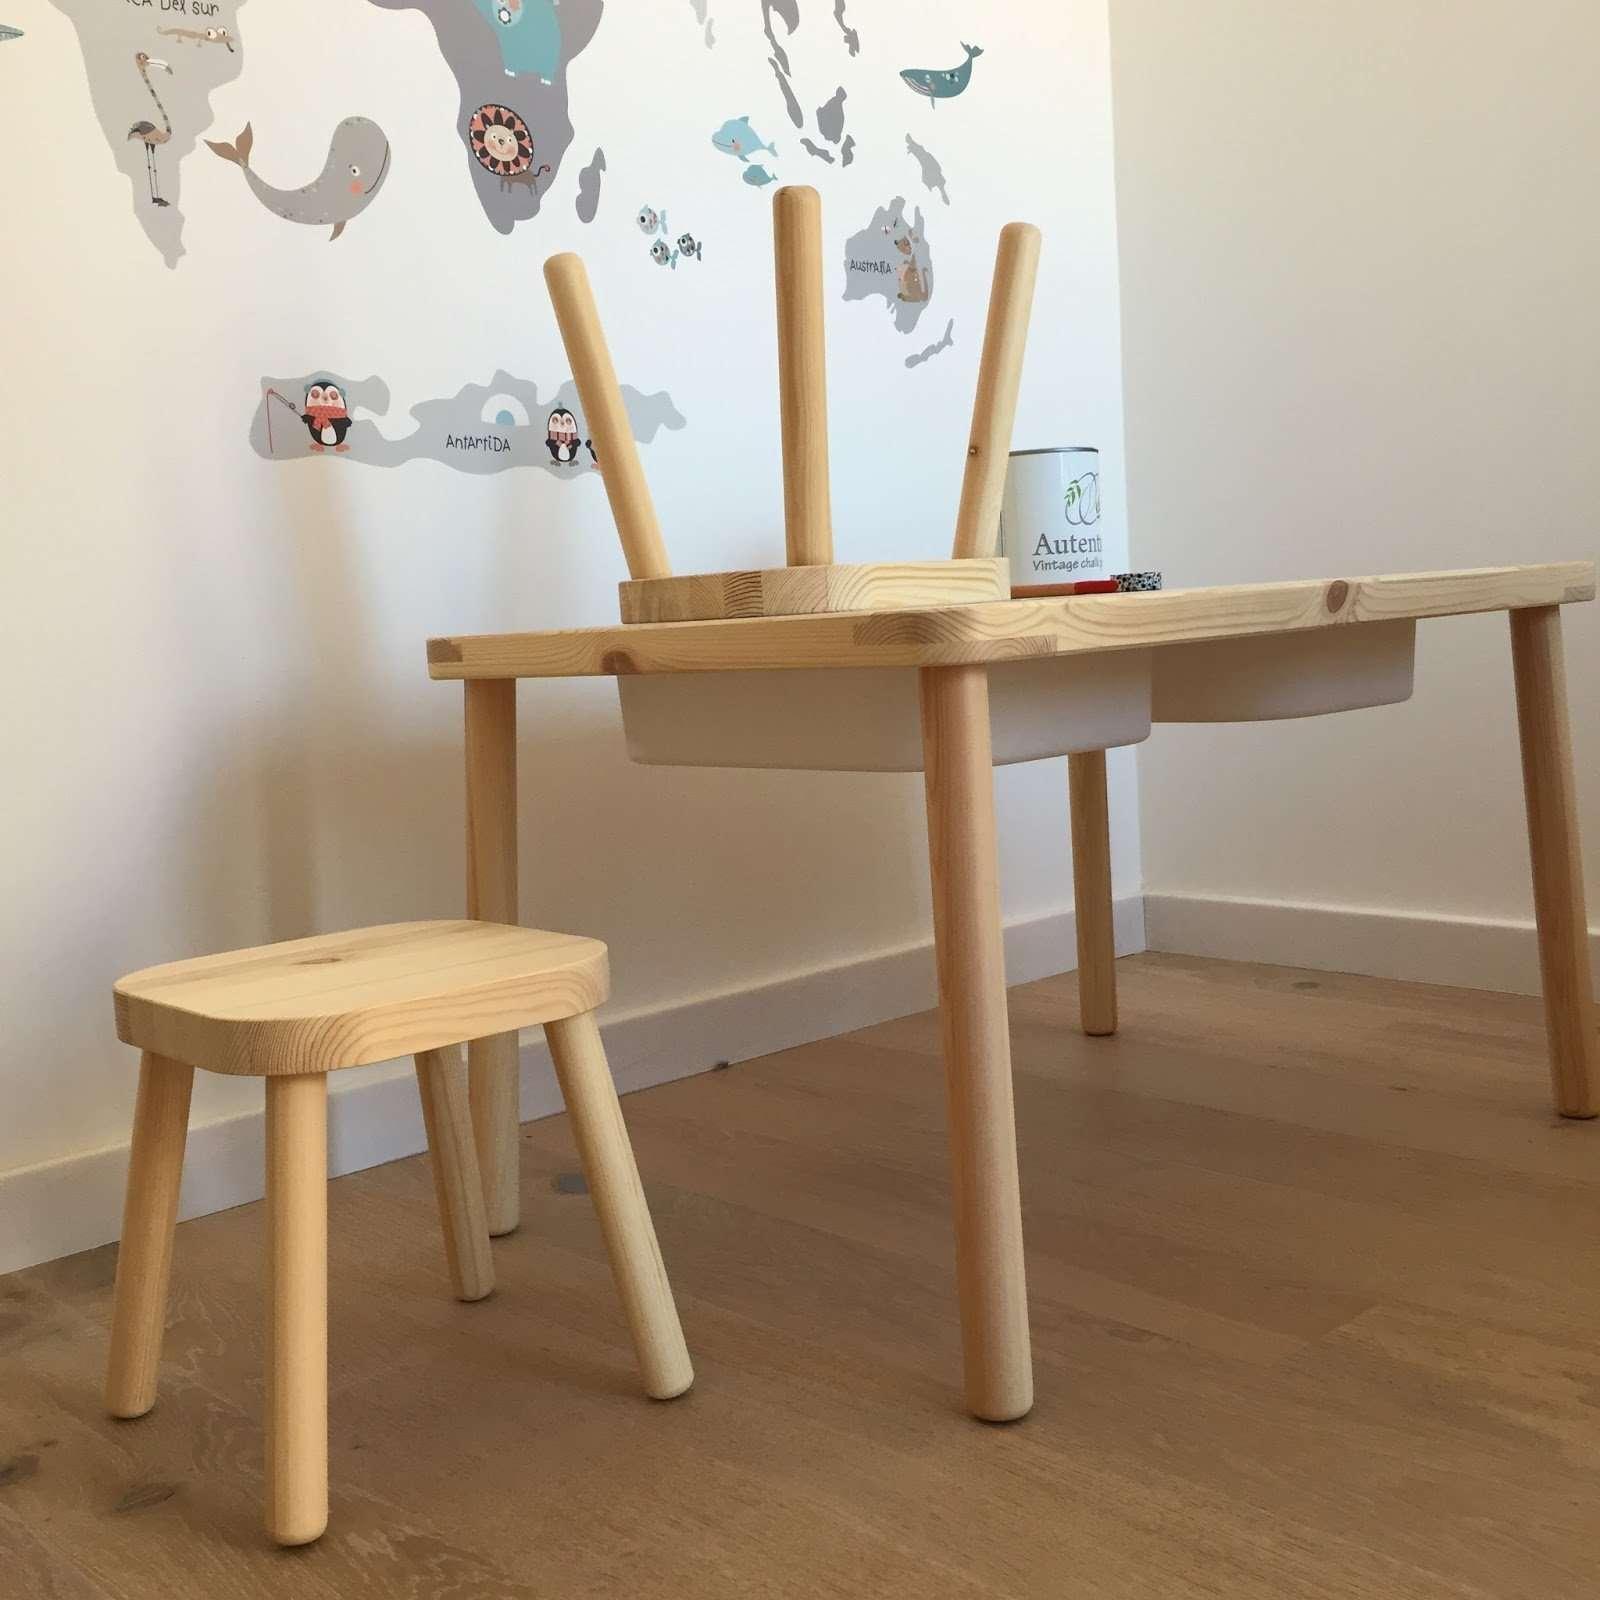 diy muebles montessori de ikea con un toque n rdico estoreta family craft deco. Black Bedroom Furniture Sets. Home Design Ideas